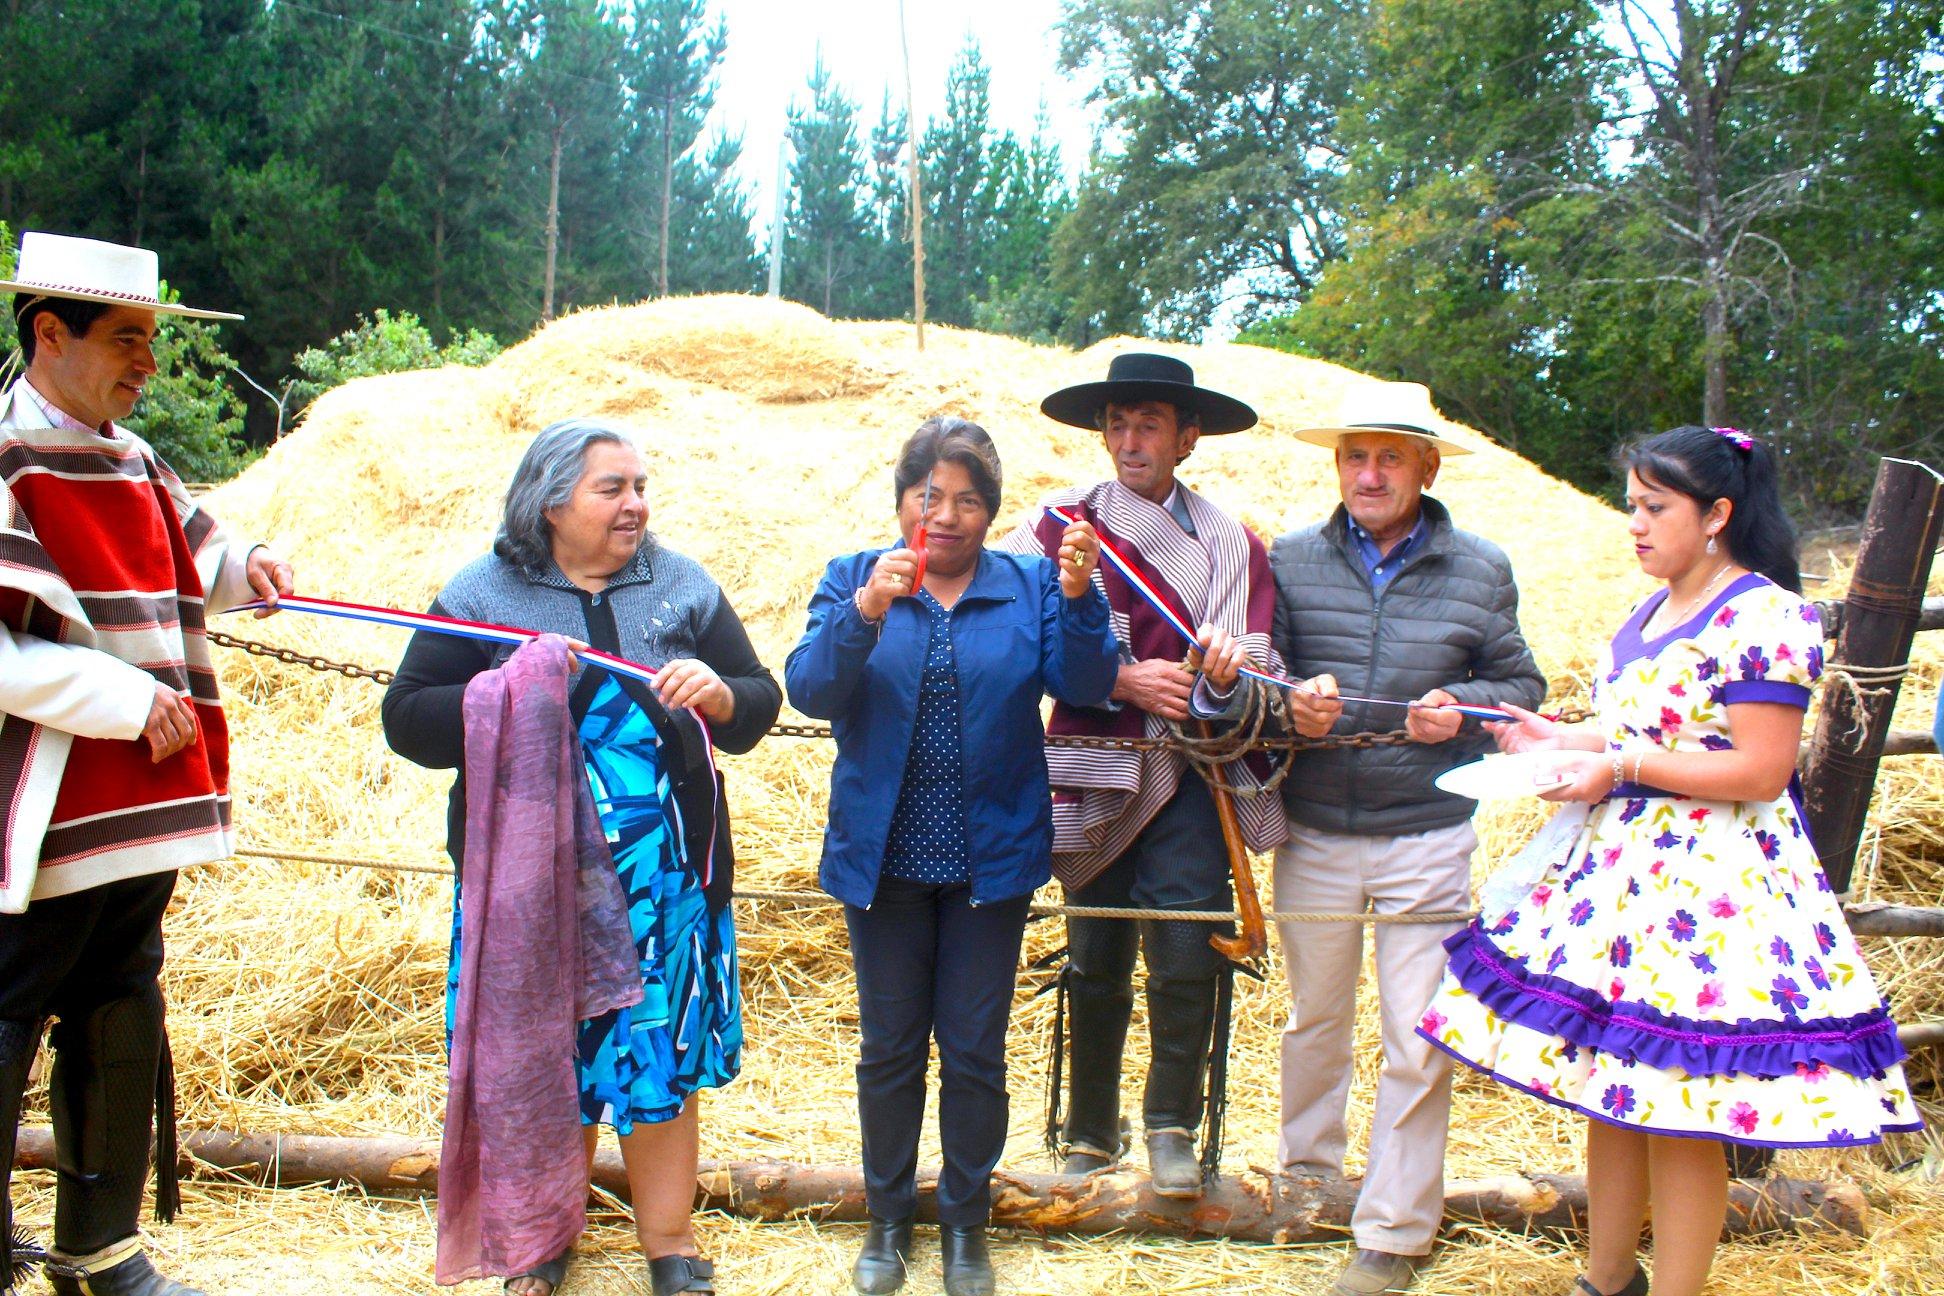 FERIA COSTUMBRISTA Y TRILLA EN SALTO DE AGUA, CAMPING EL REFUGIO 2020.